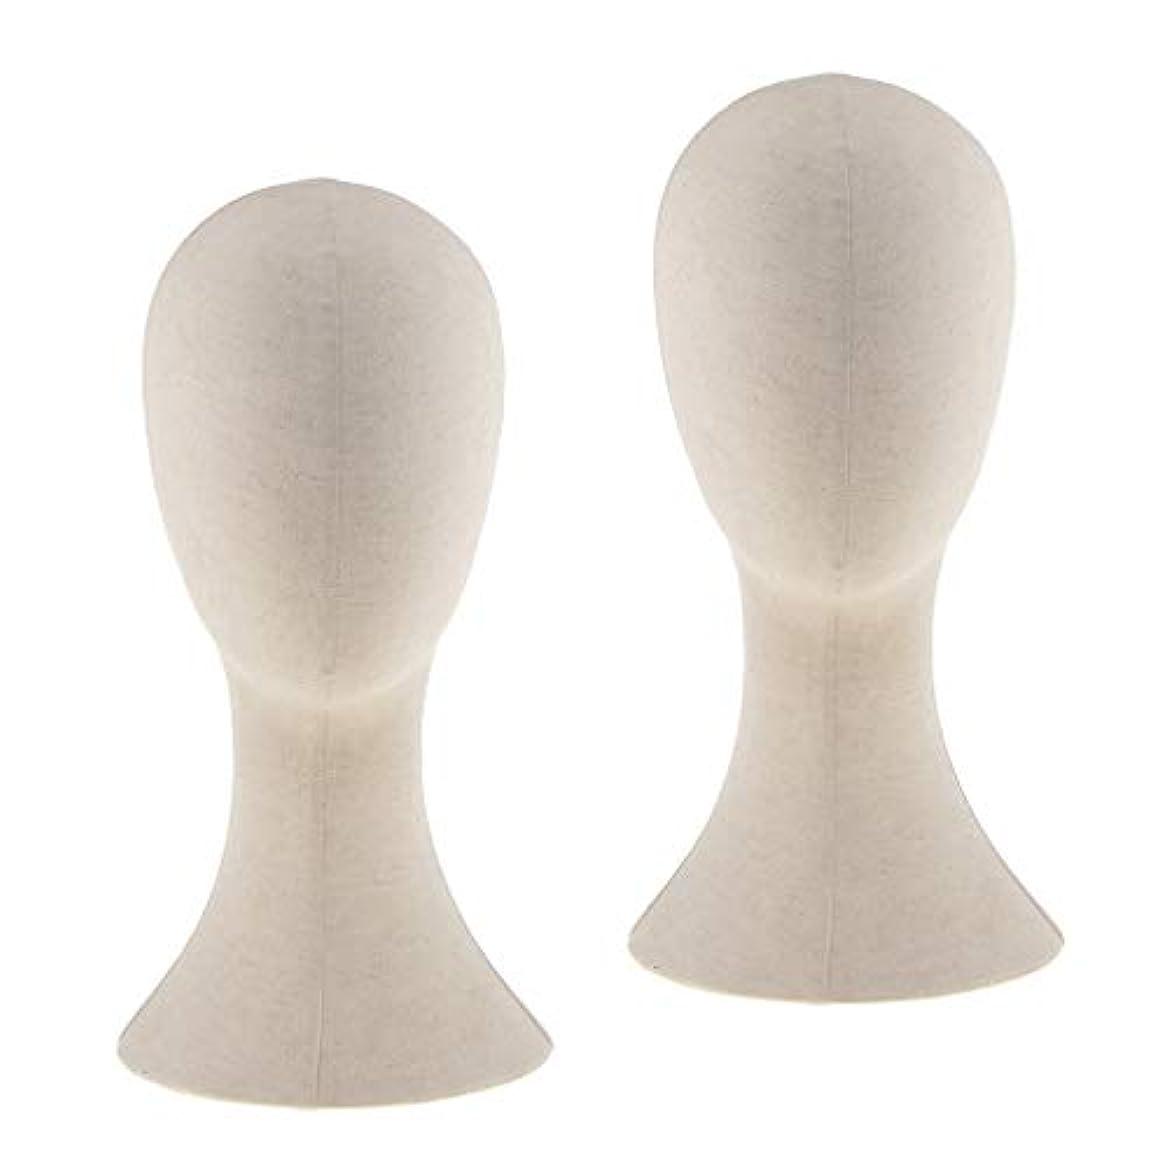 鳴らす幹探すPerfeclan 2個入り マネキンヘッド トルソー 頭 カット練習 頭部 女性 ウィッグマネキン ウィッグスタンド